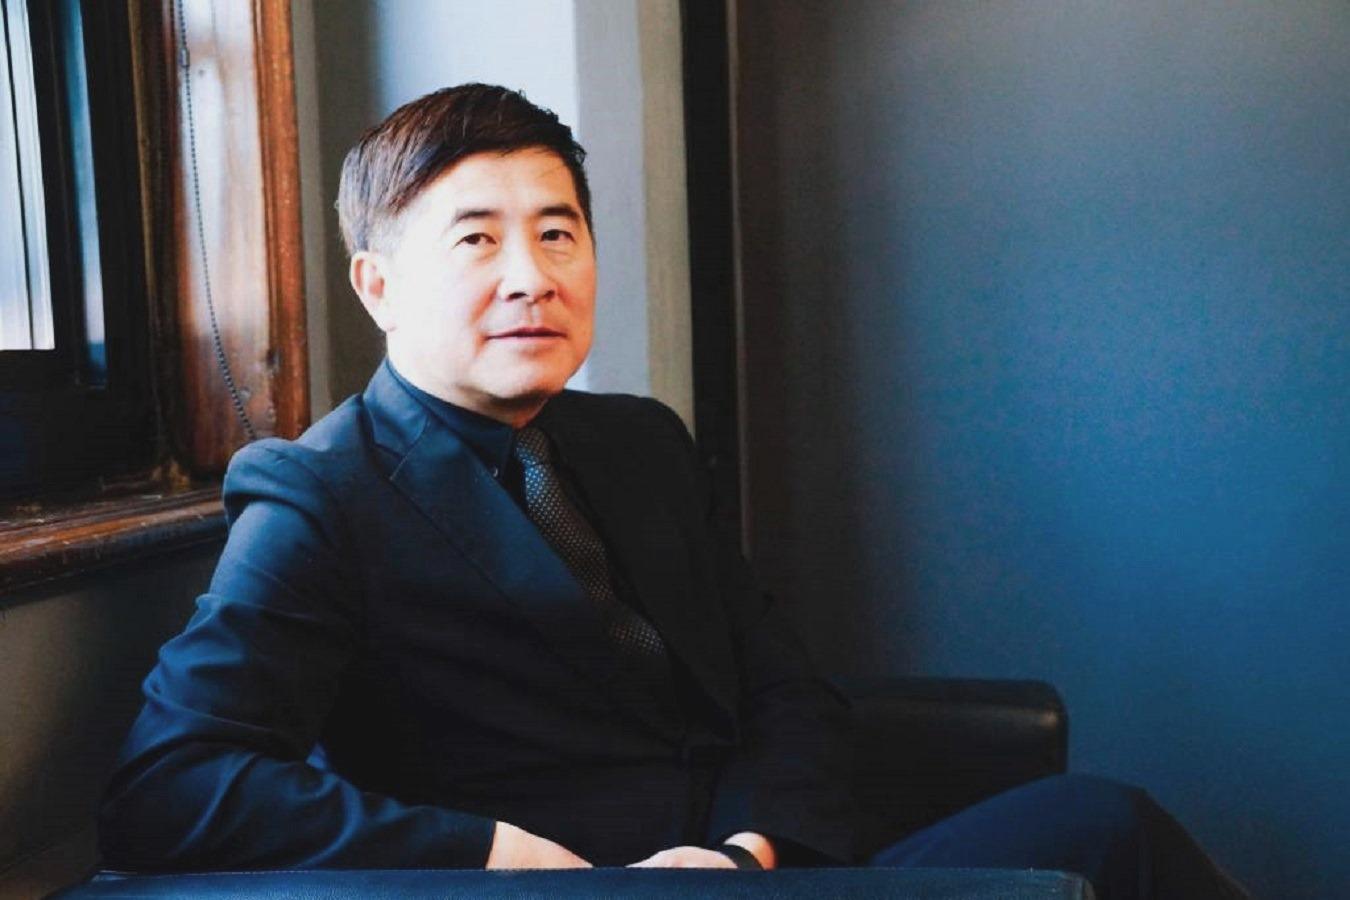 新任台創董事長張基義 深諳黃金同心圓原則